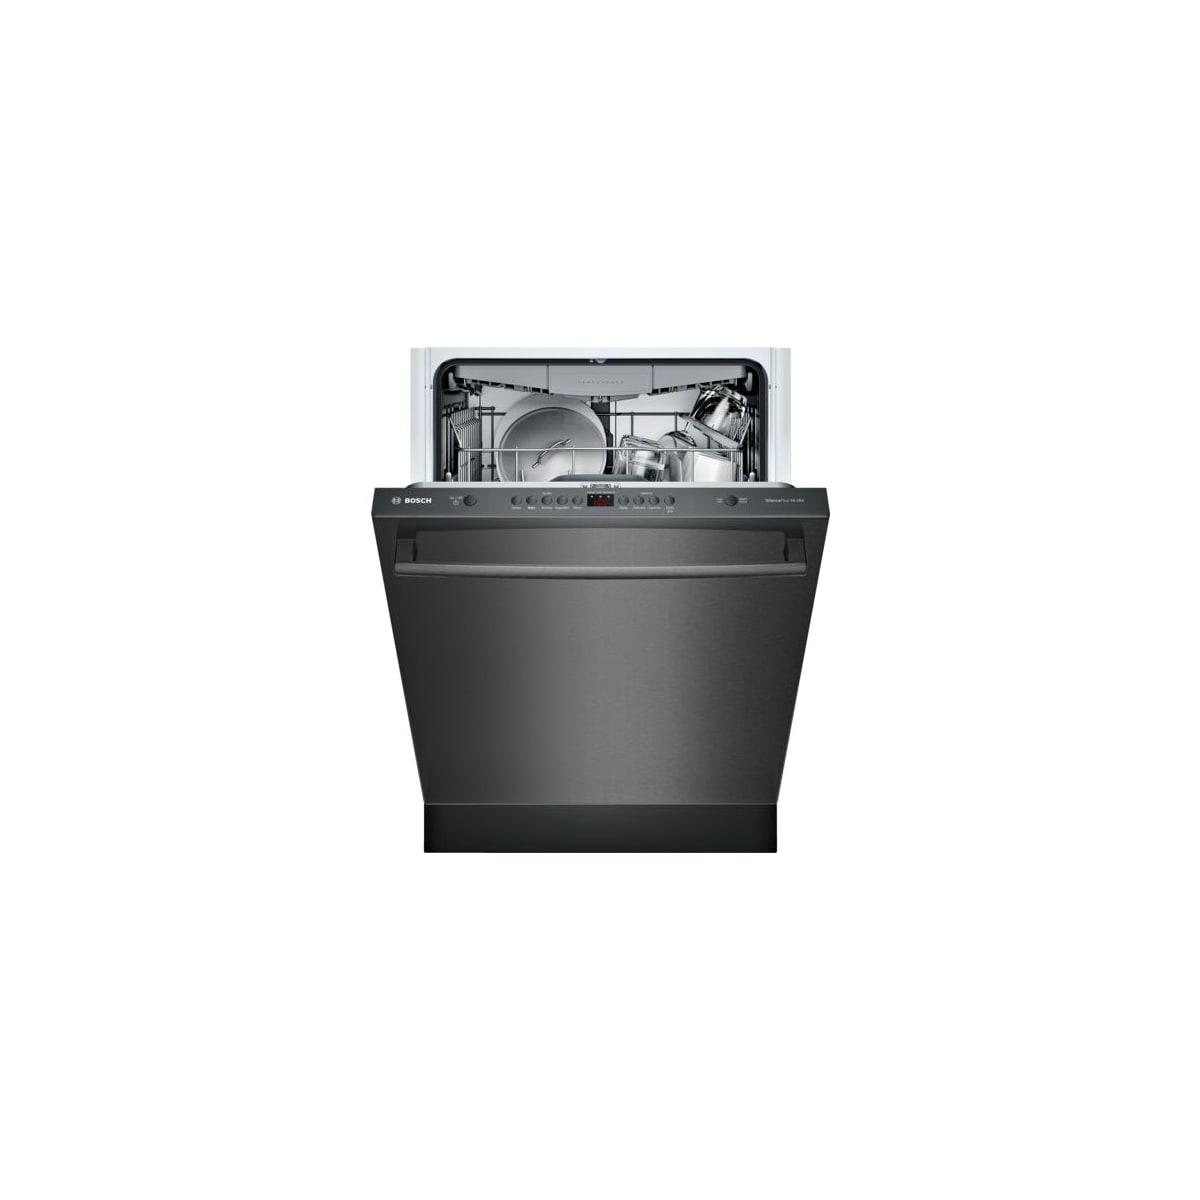 10 BEST Bosch Third Rack Dishwashers of March 2020 13